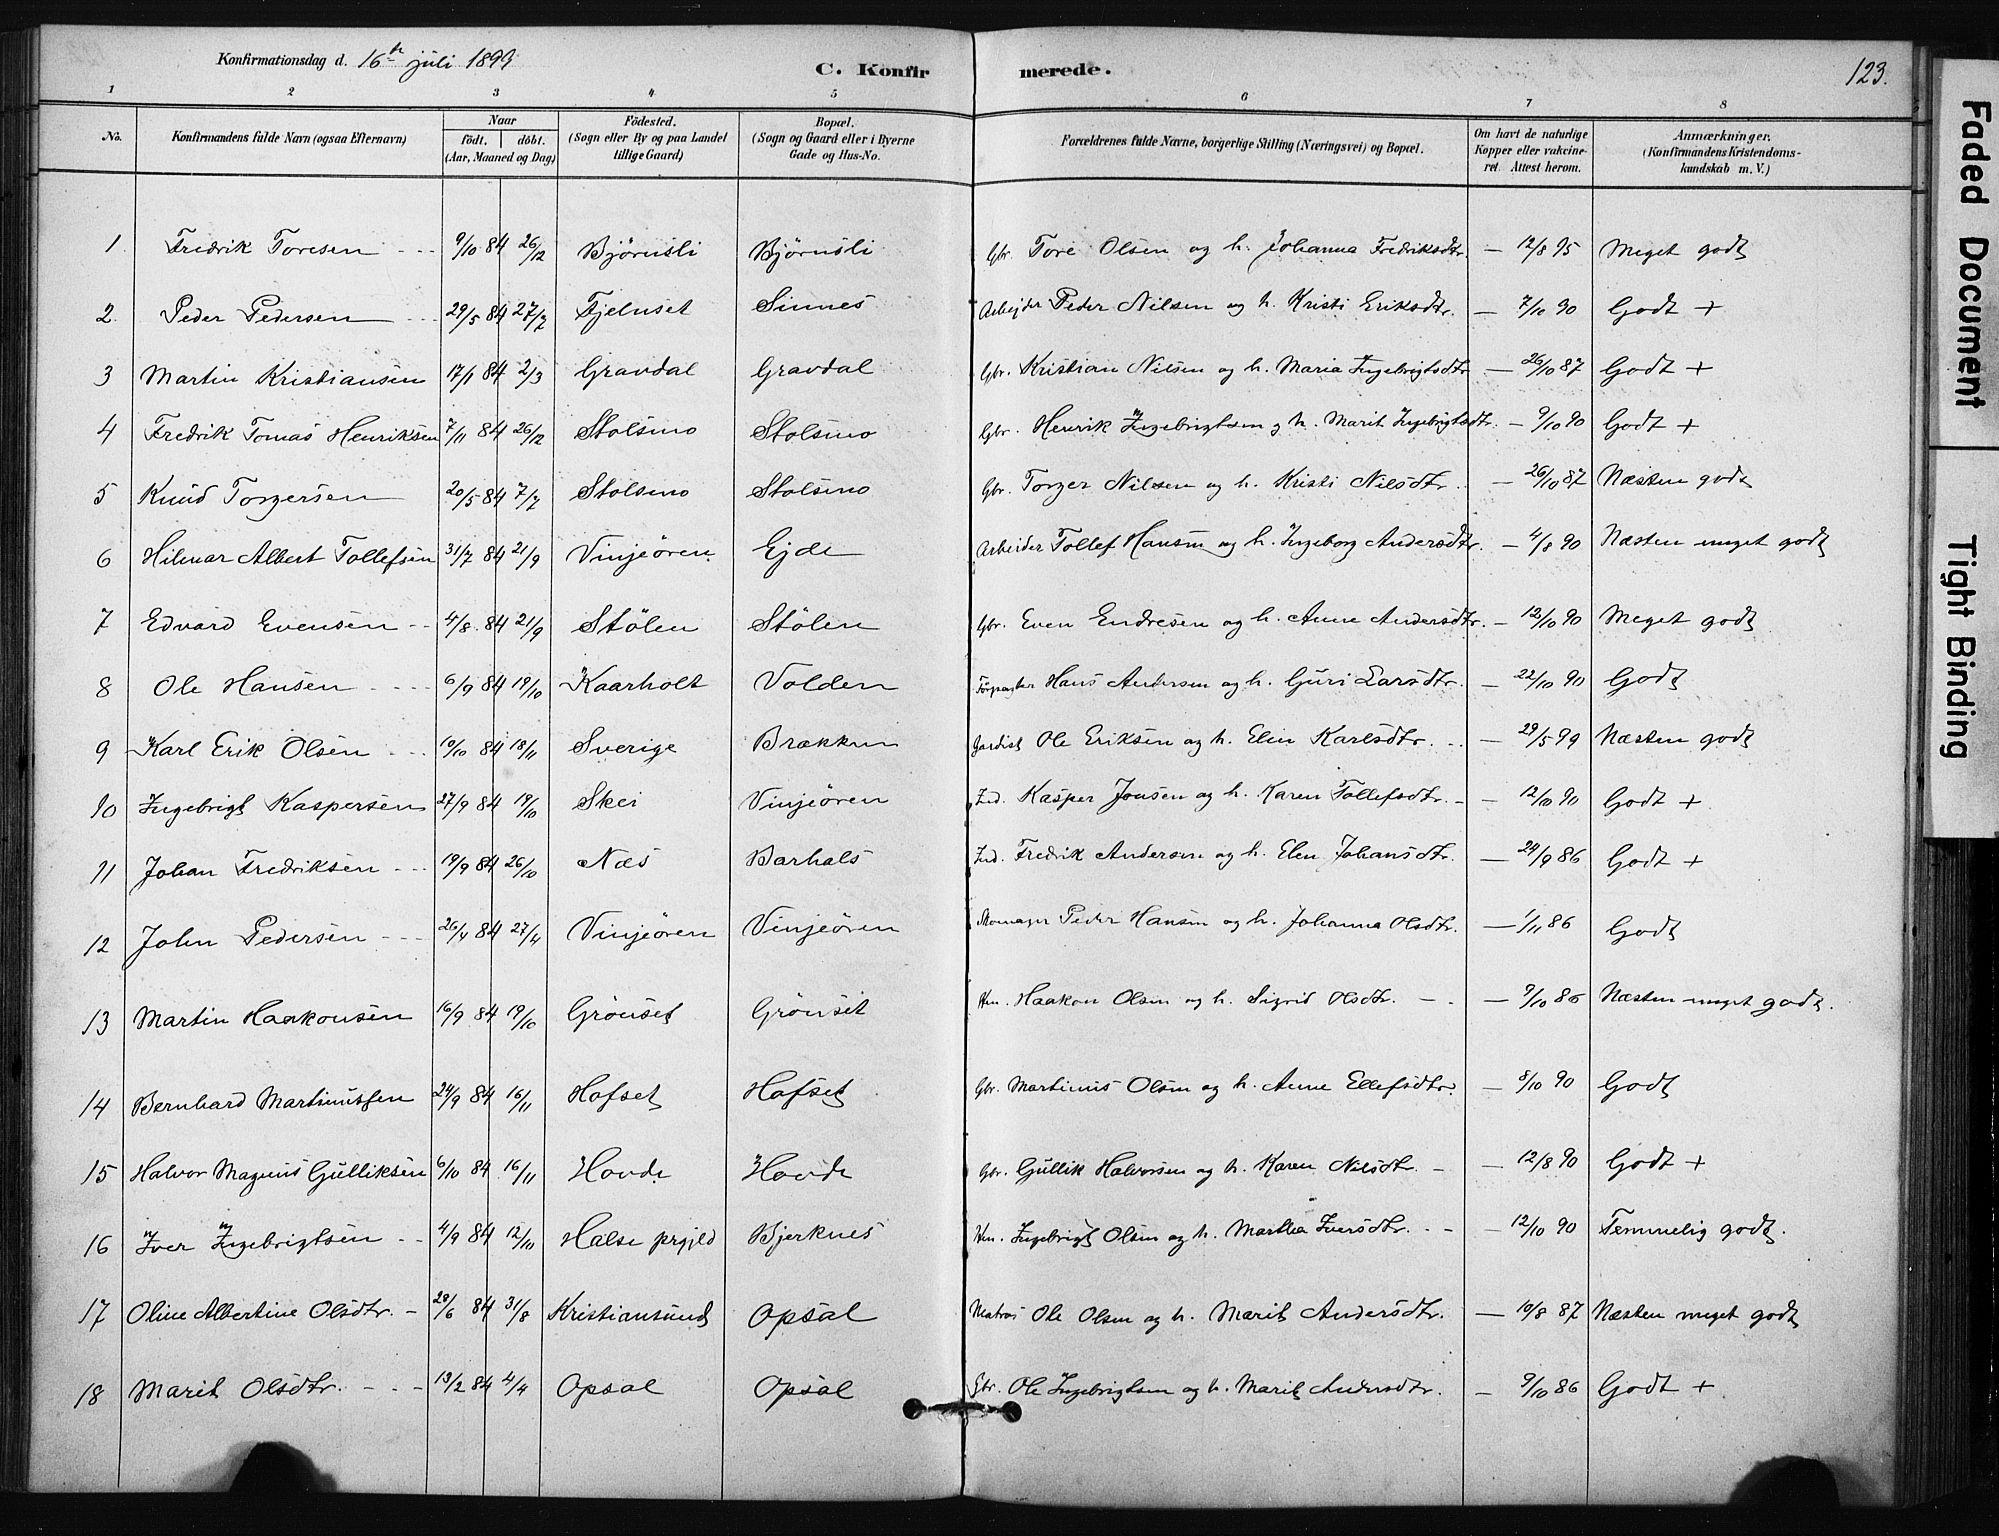 SAT, Ministerialprotokoller, klokkerbøker og fødselsregistre - Sør-Trøndelag, 631/L0512: Ministerialbok nr. 631A01, 1879-1912, s. 123